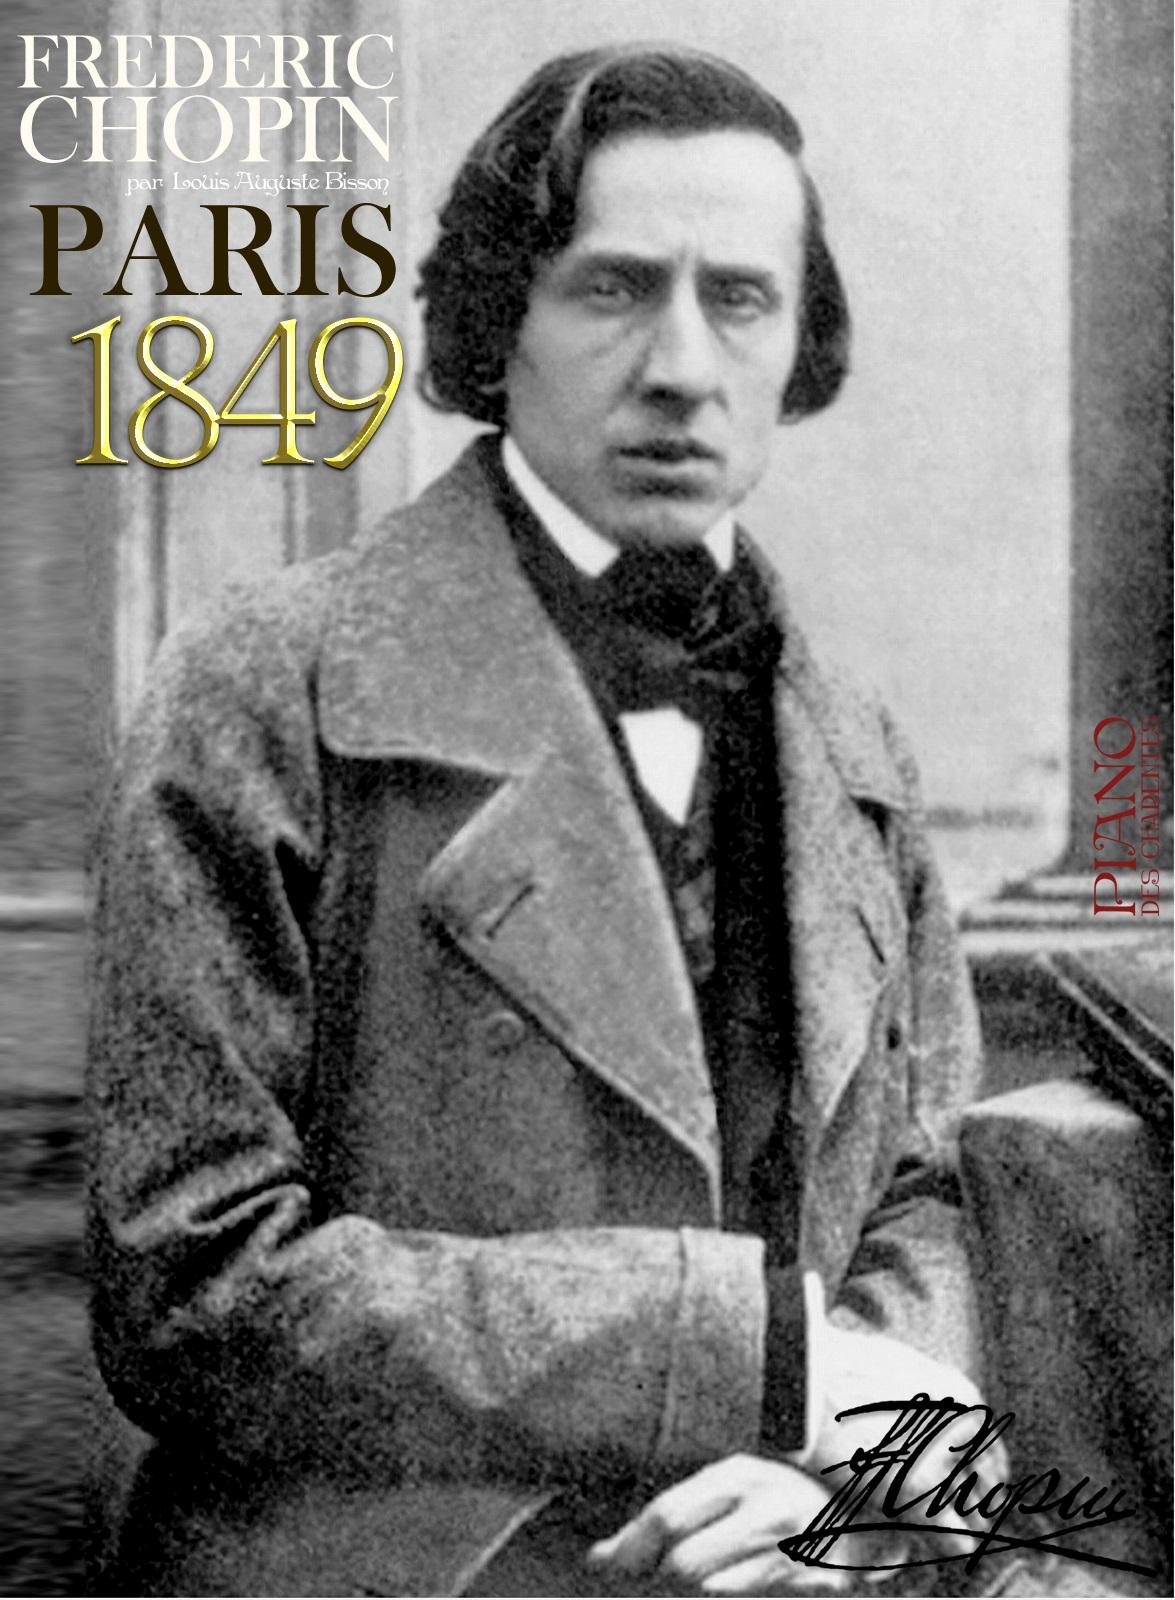 Frédéric CHOPIN 1849 par Louis Auguste Bisson